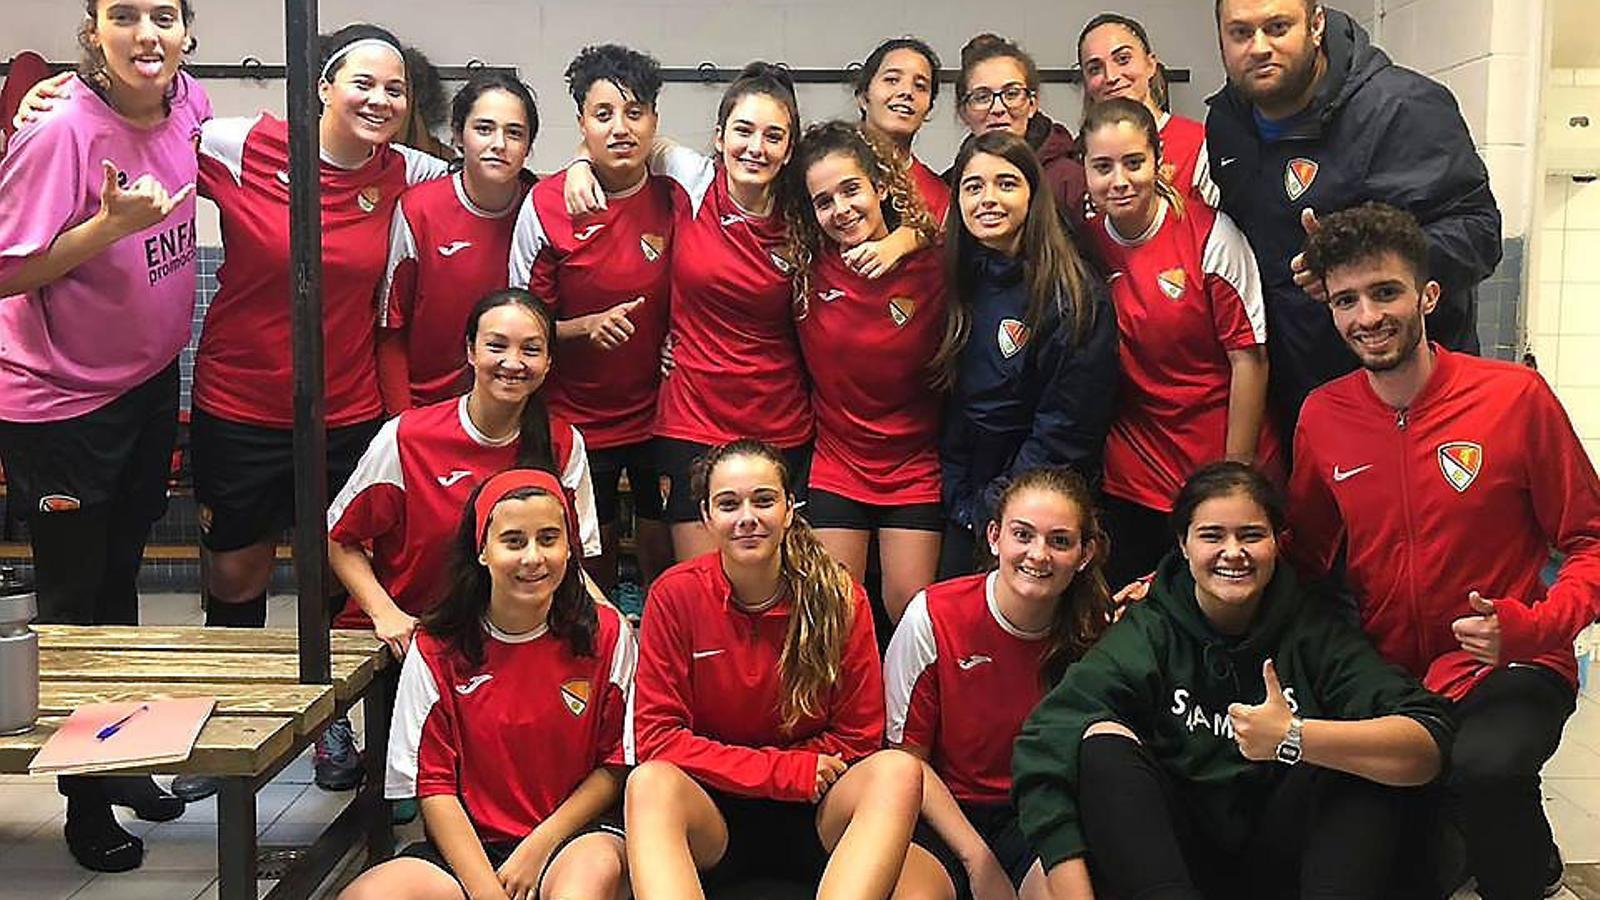 El sexisme no té lloc al Terrassa FC